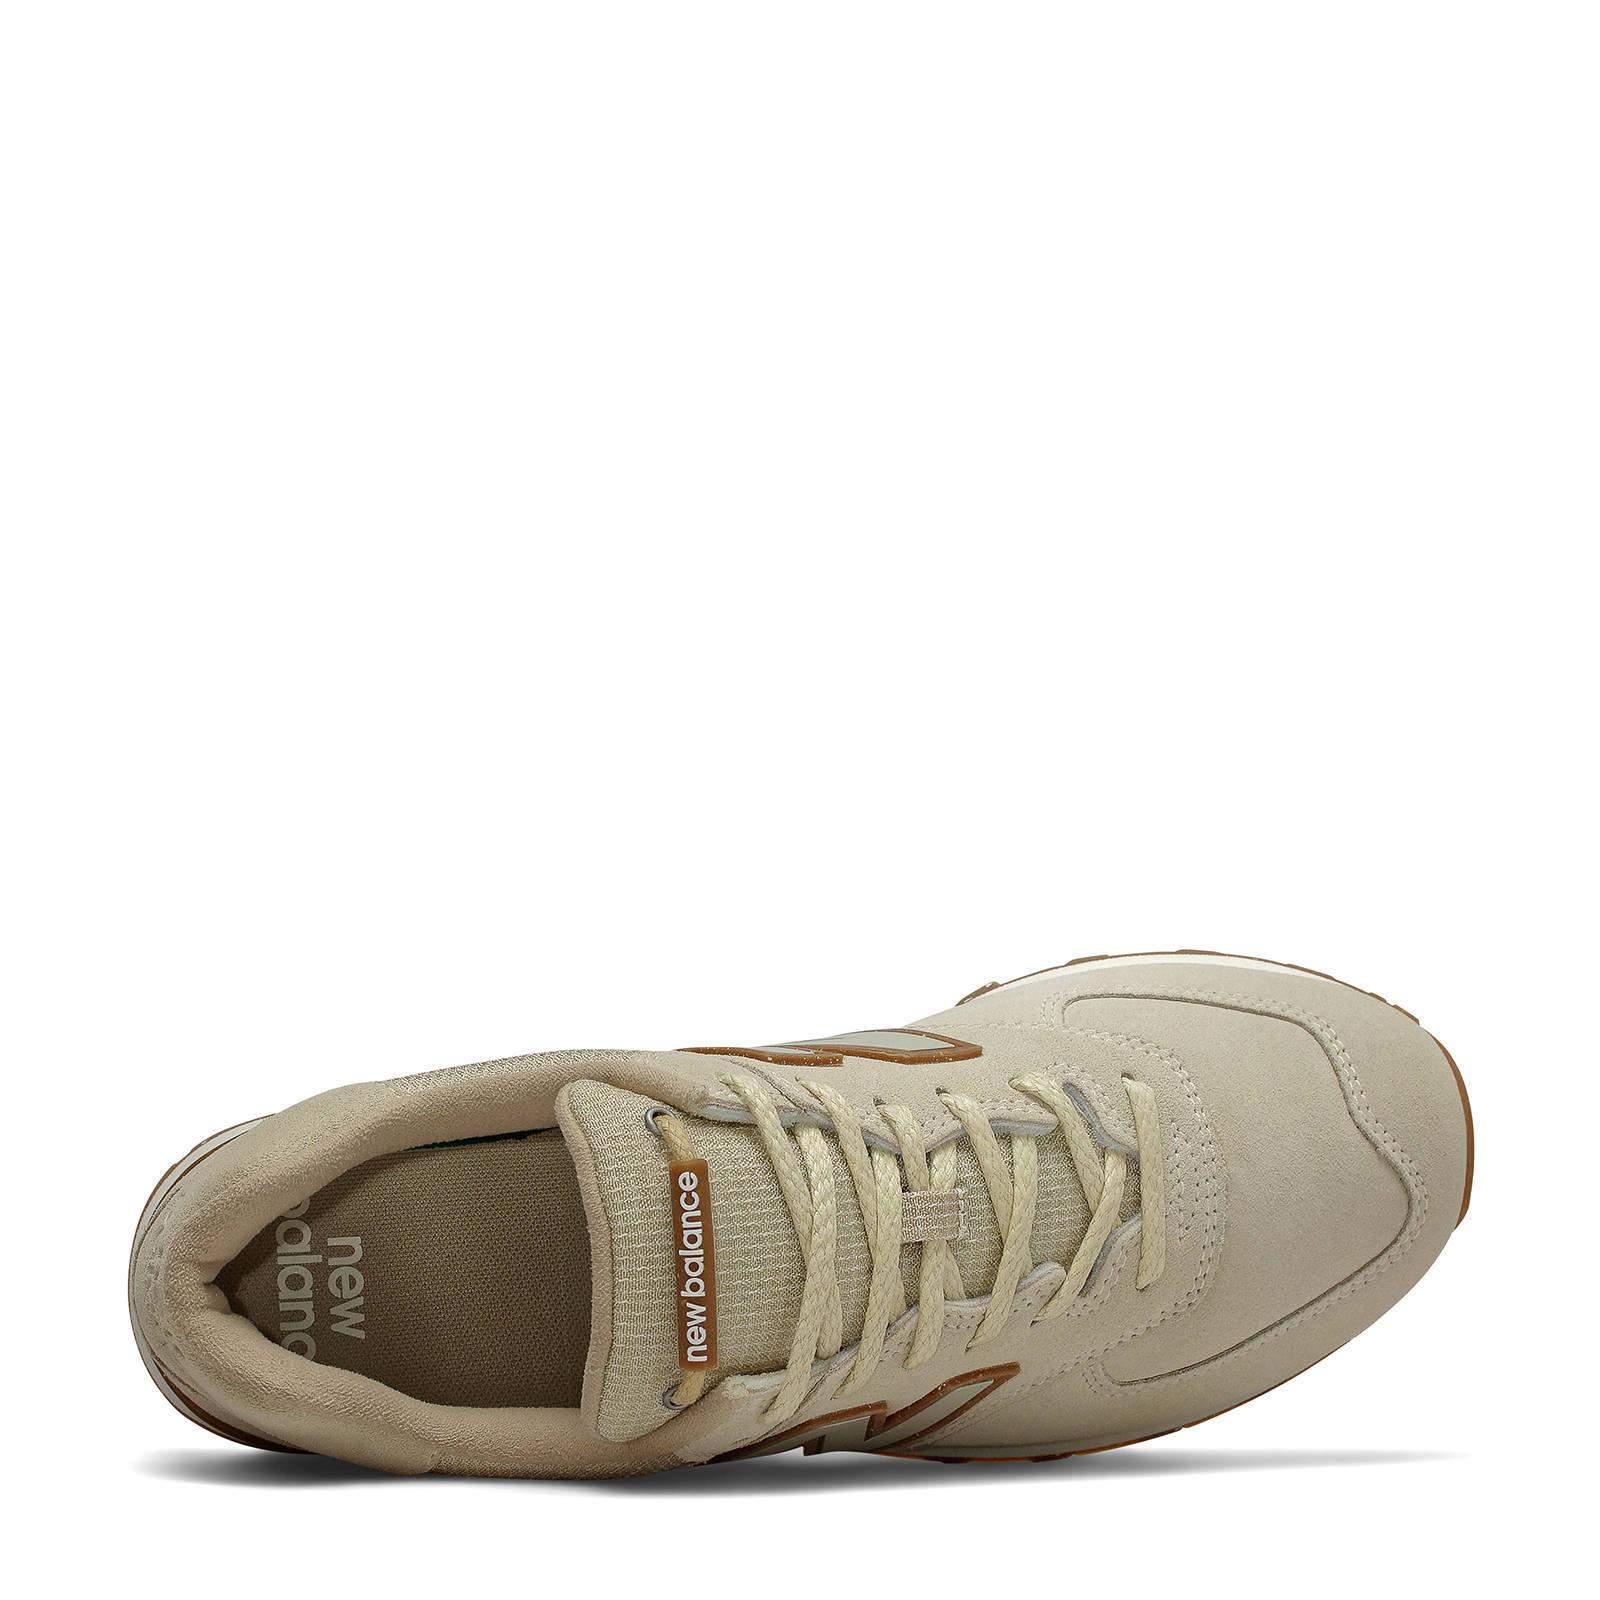 New Balance 574 sneakers lichtgrijs/beige | wehkamp